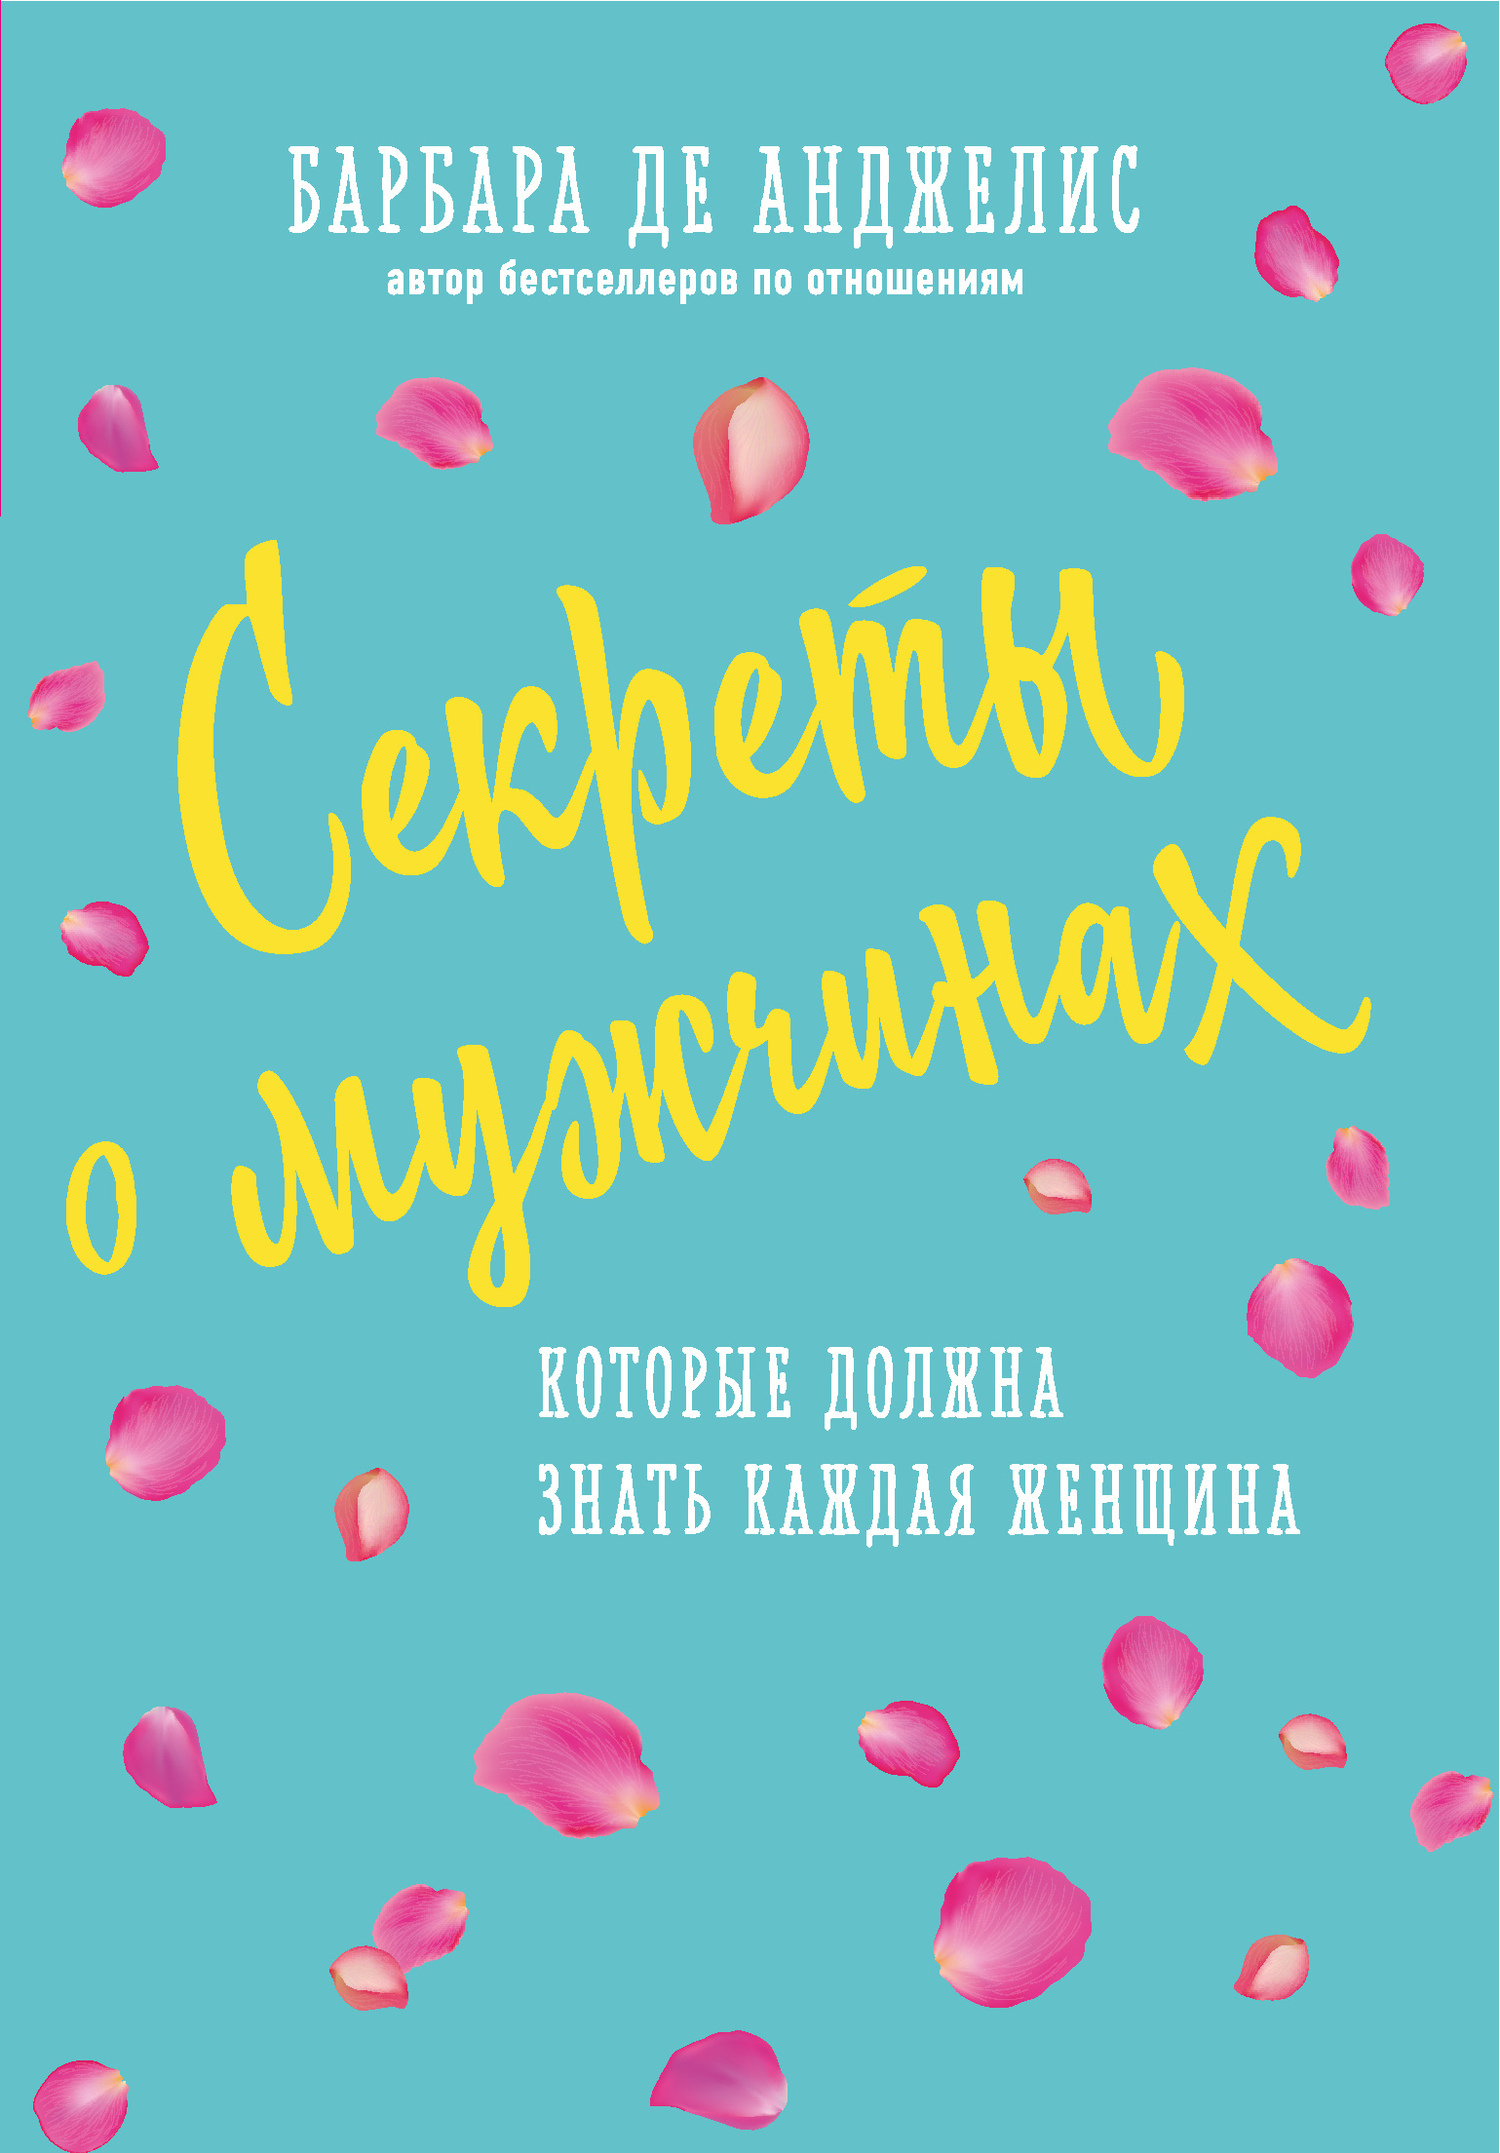 Барбара де Анджелис «Секреты о мужчинах, которые должна знать каждая женщина»